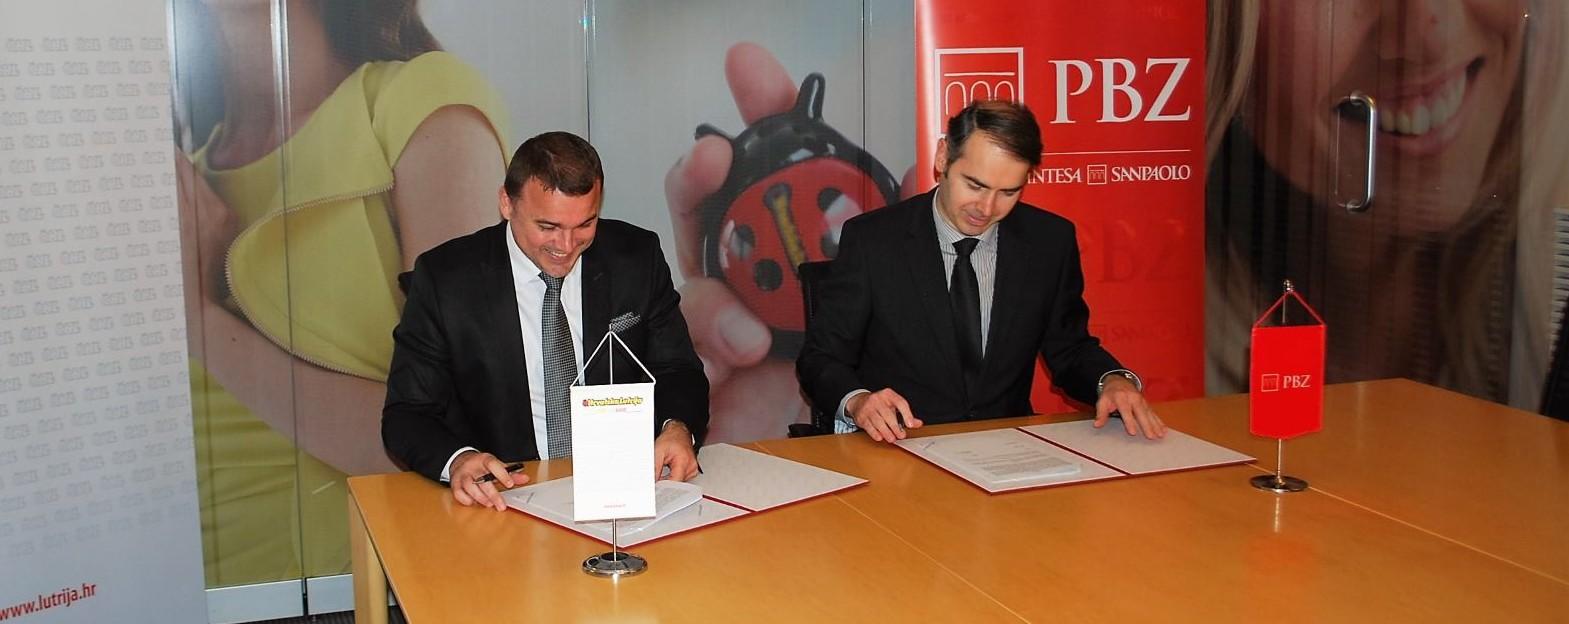 Hrvatska Lutrija i Privredna banka Zagreb potpisale Ugovor o obavljanju poslova platnog prometa